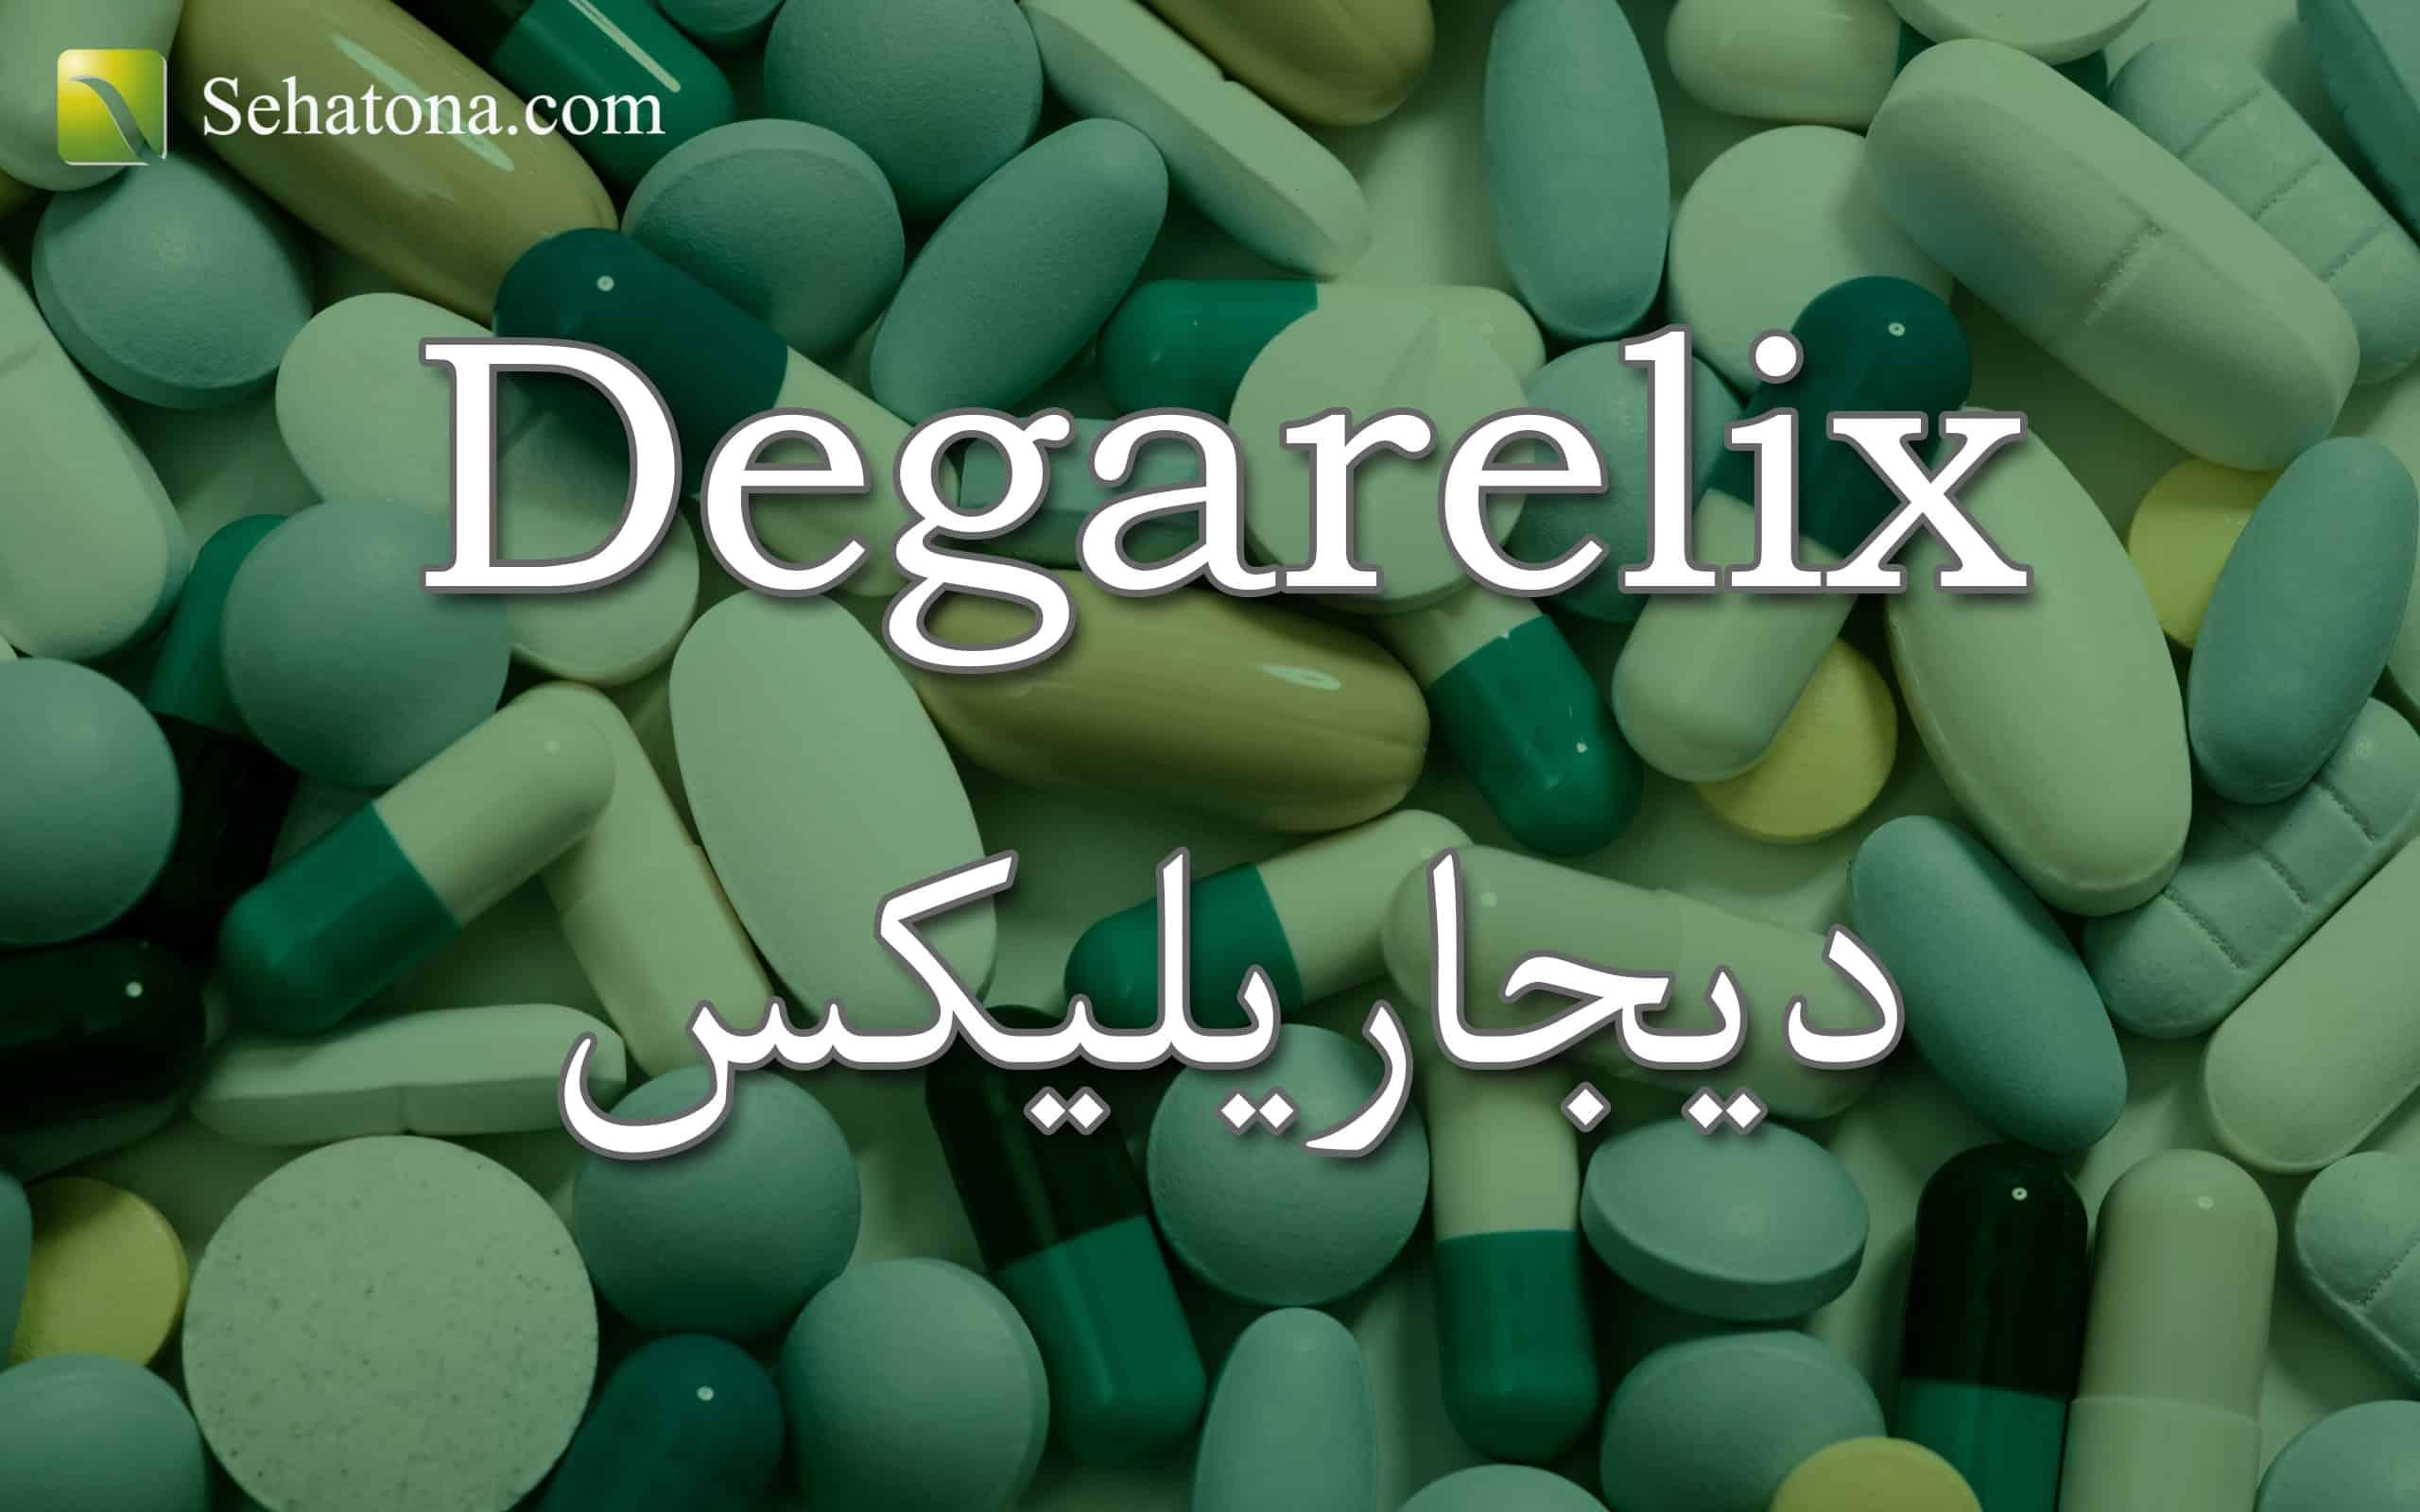 Degarelix